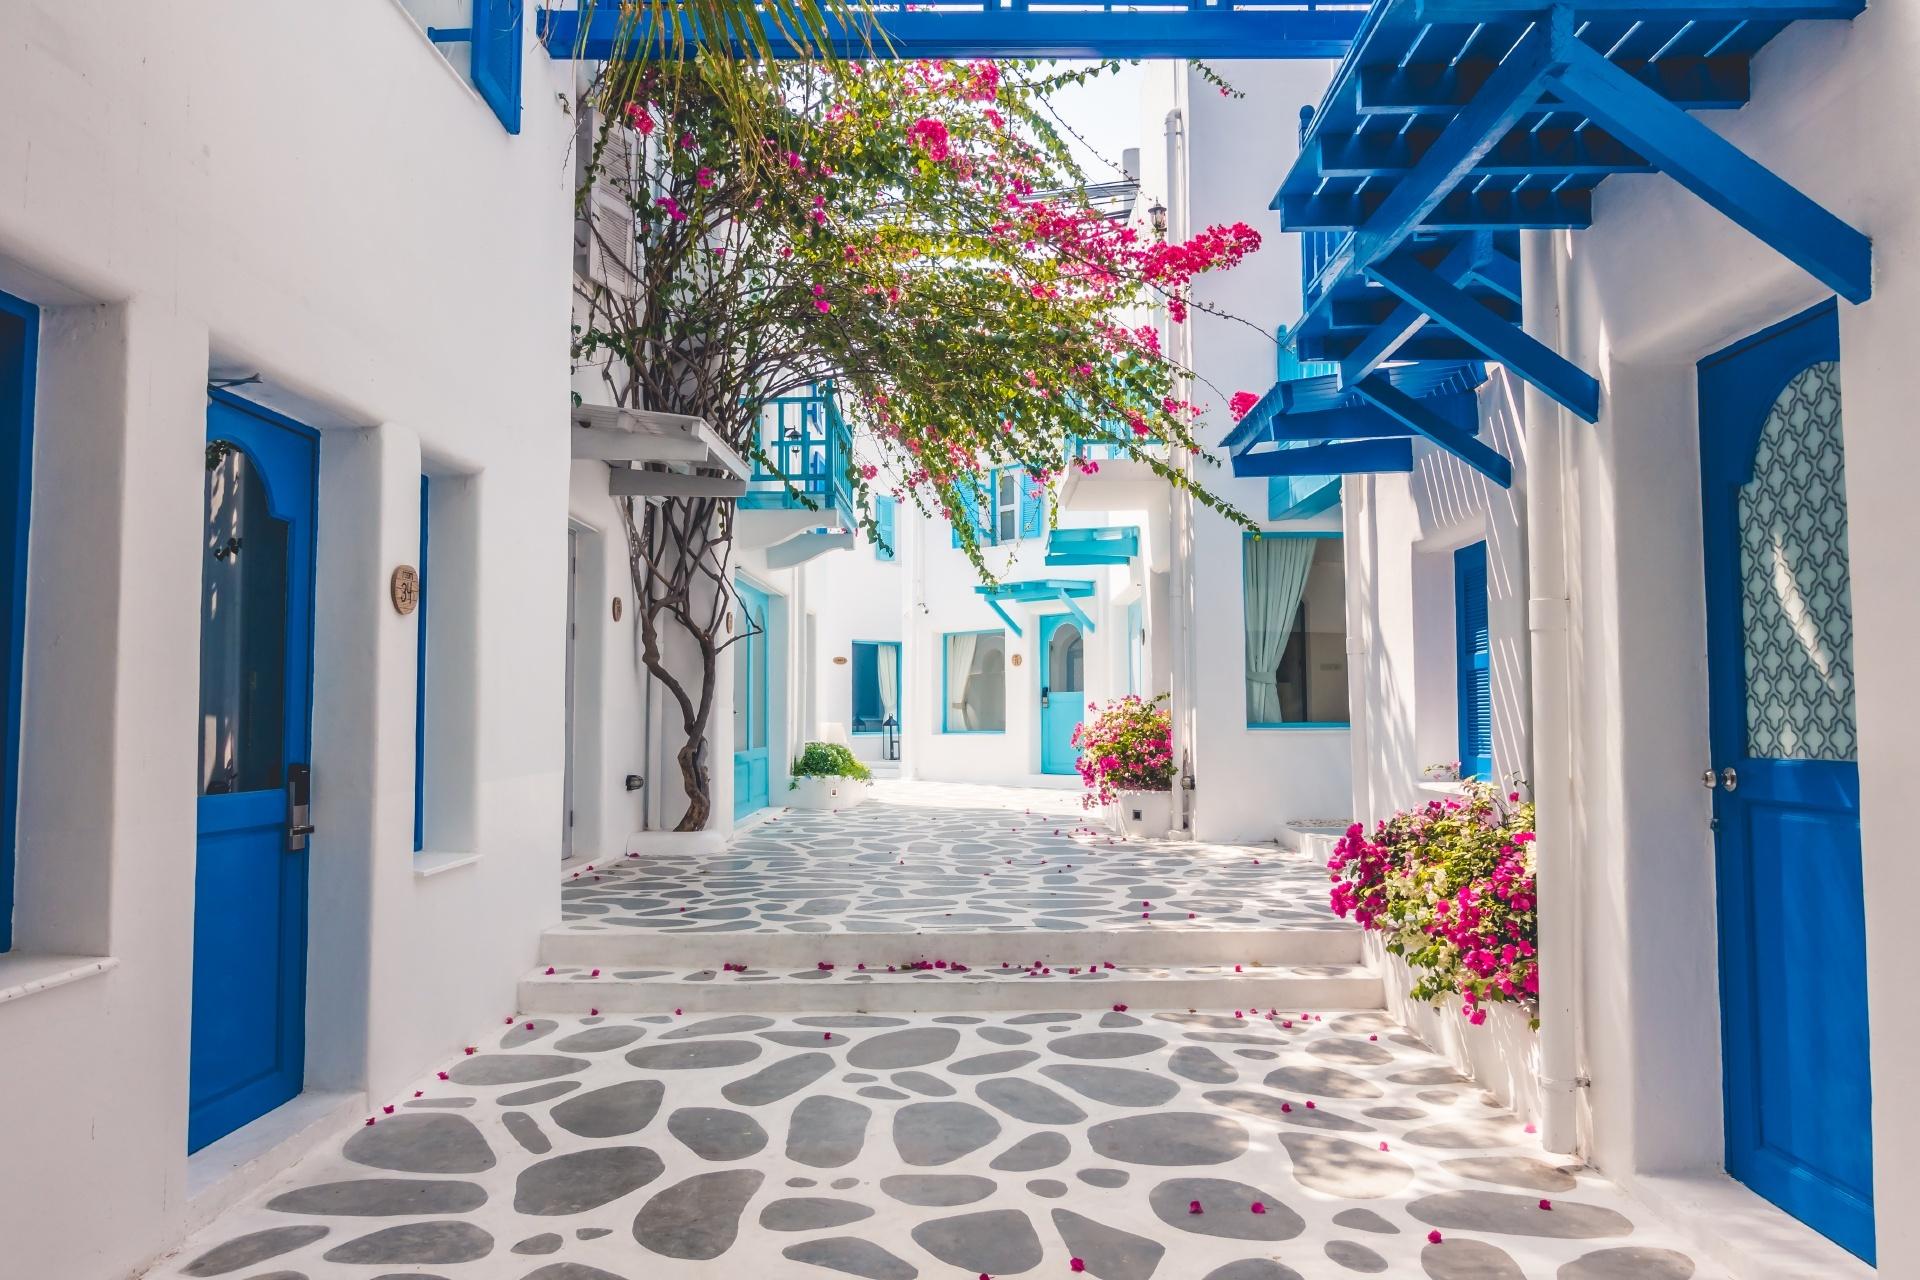 サントリーニ島の家々 ギリシャの風景